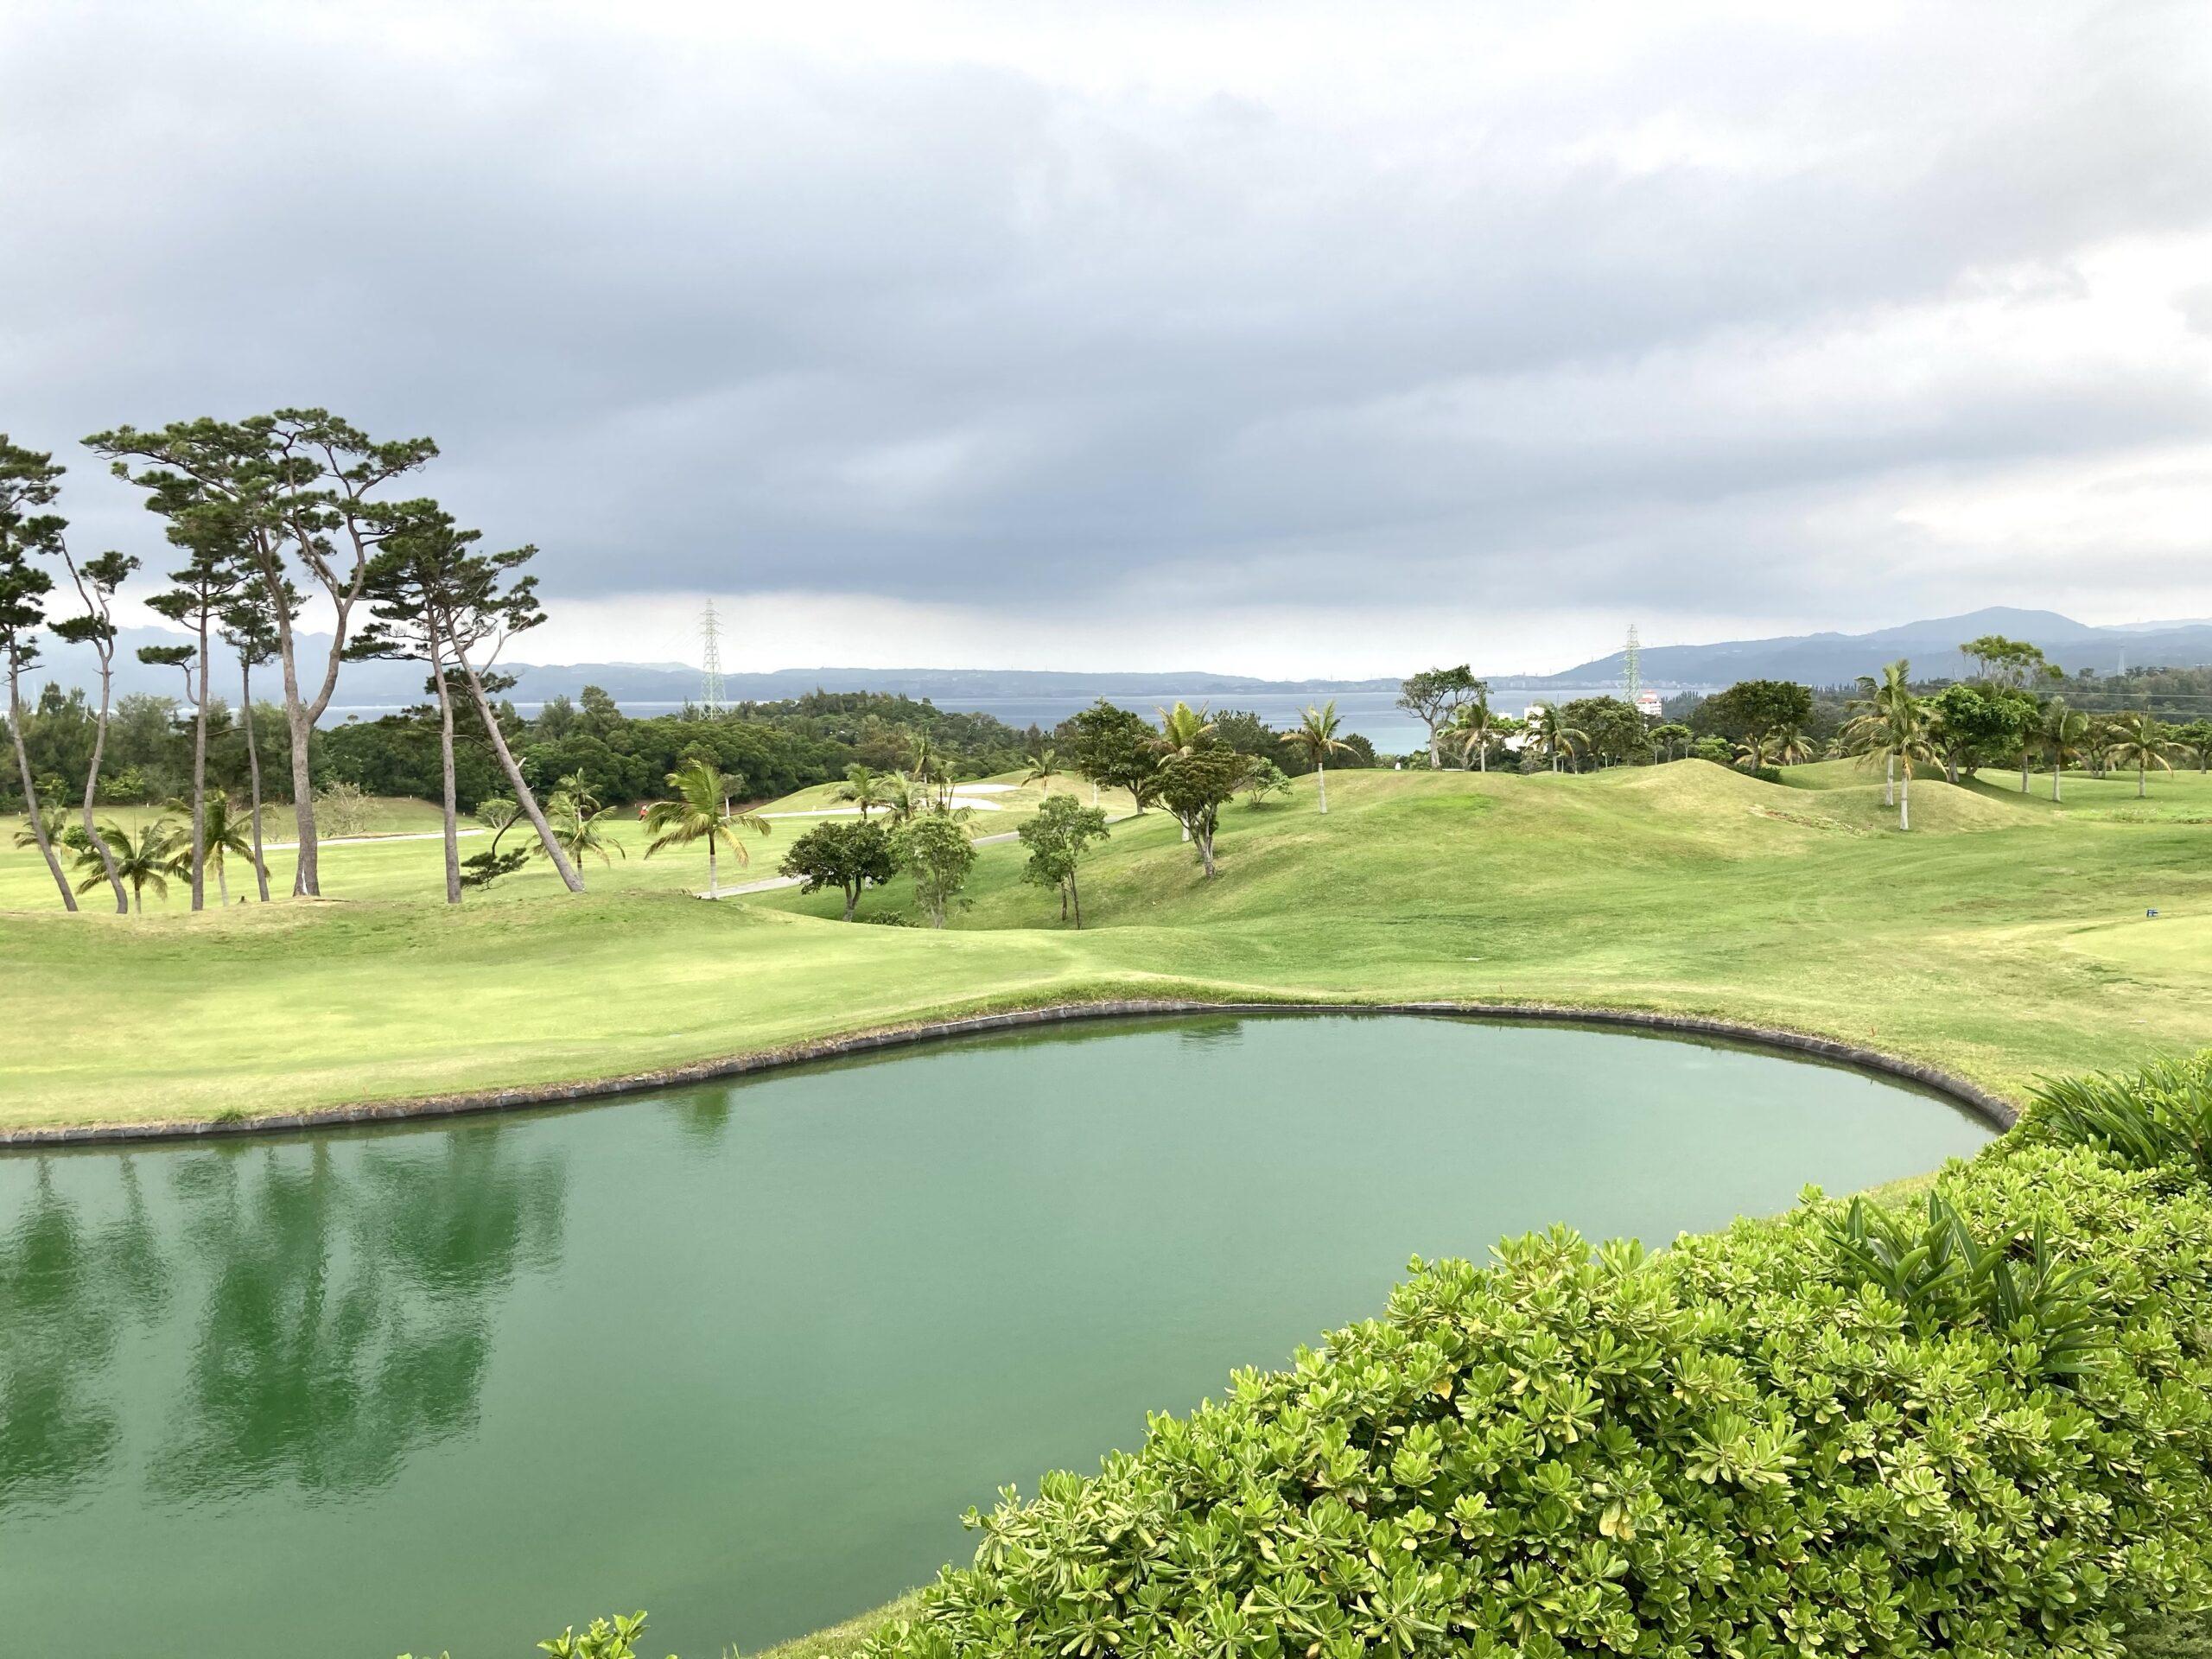 「ザリッツカールトン沖縄」2階デラックスルームゴルフコースビューテラスからの眺め